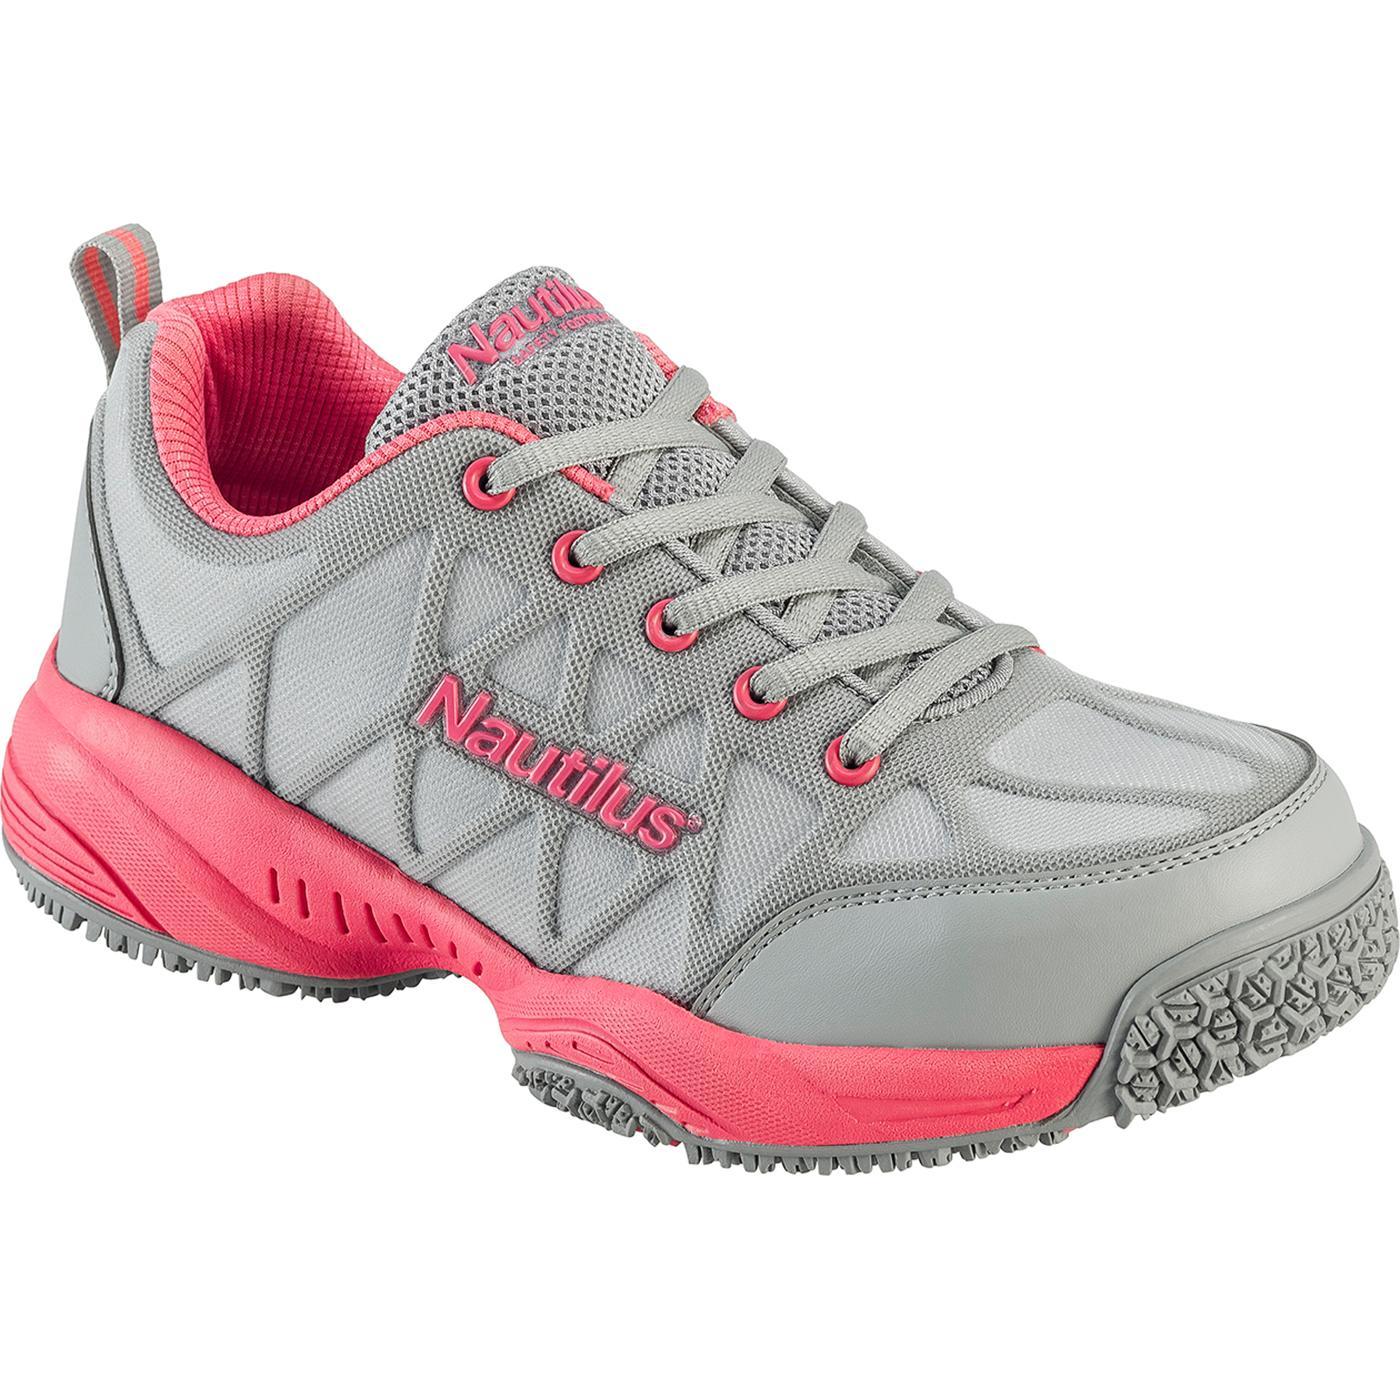 b004ef587c0 Nautilus Women's Composite Toe Slip-Resistant Work Athletic Shoe